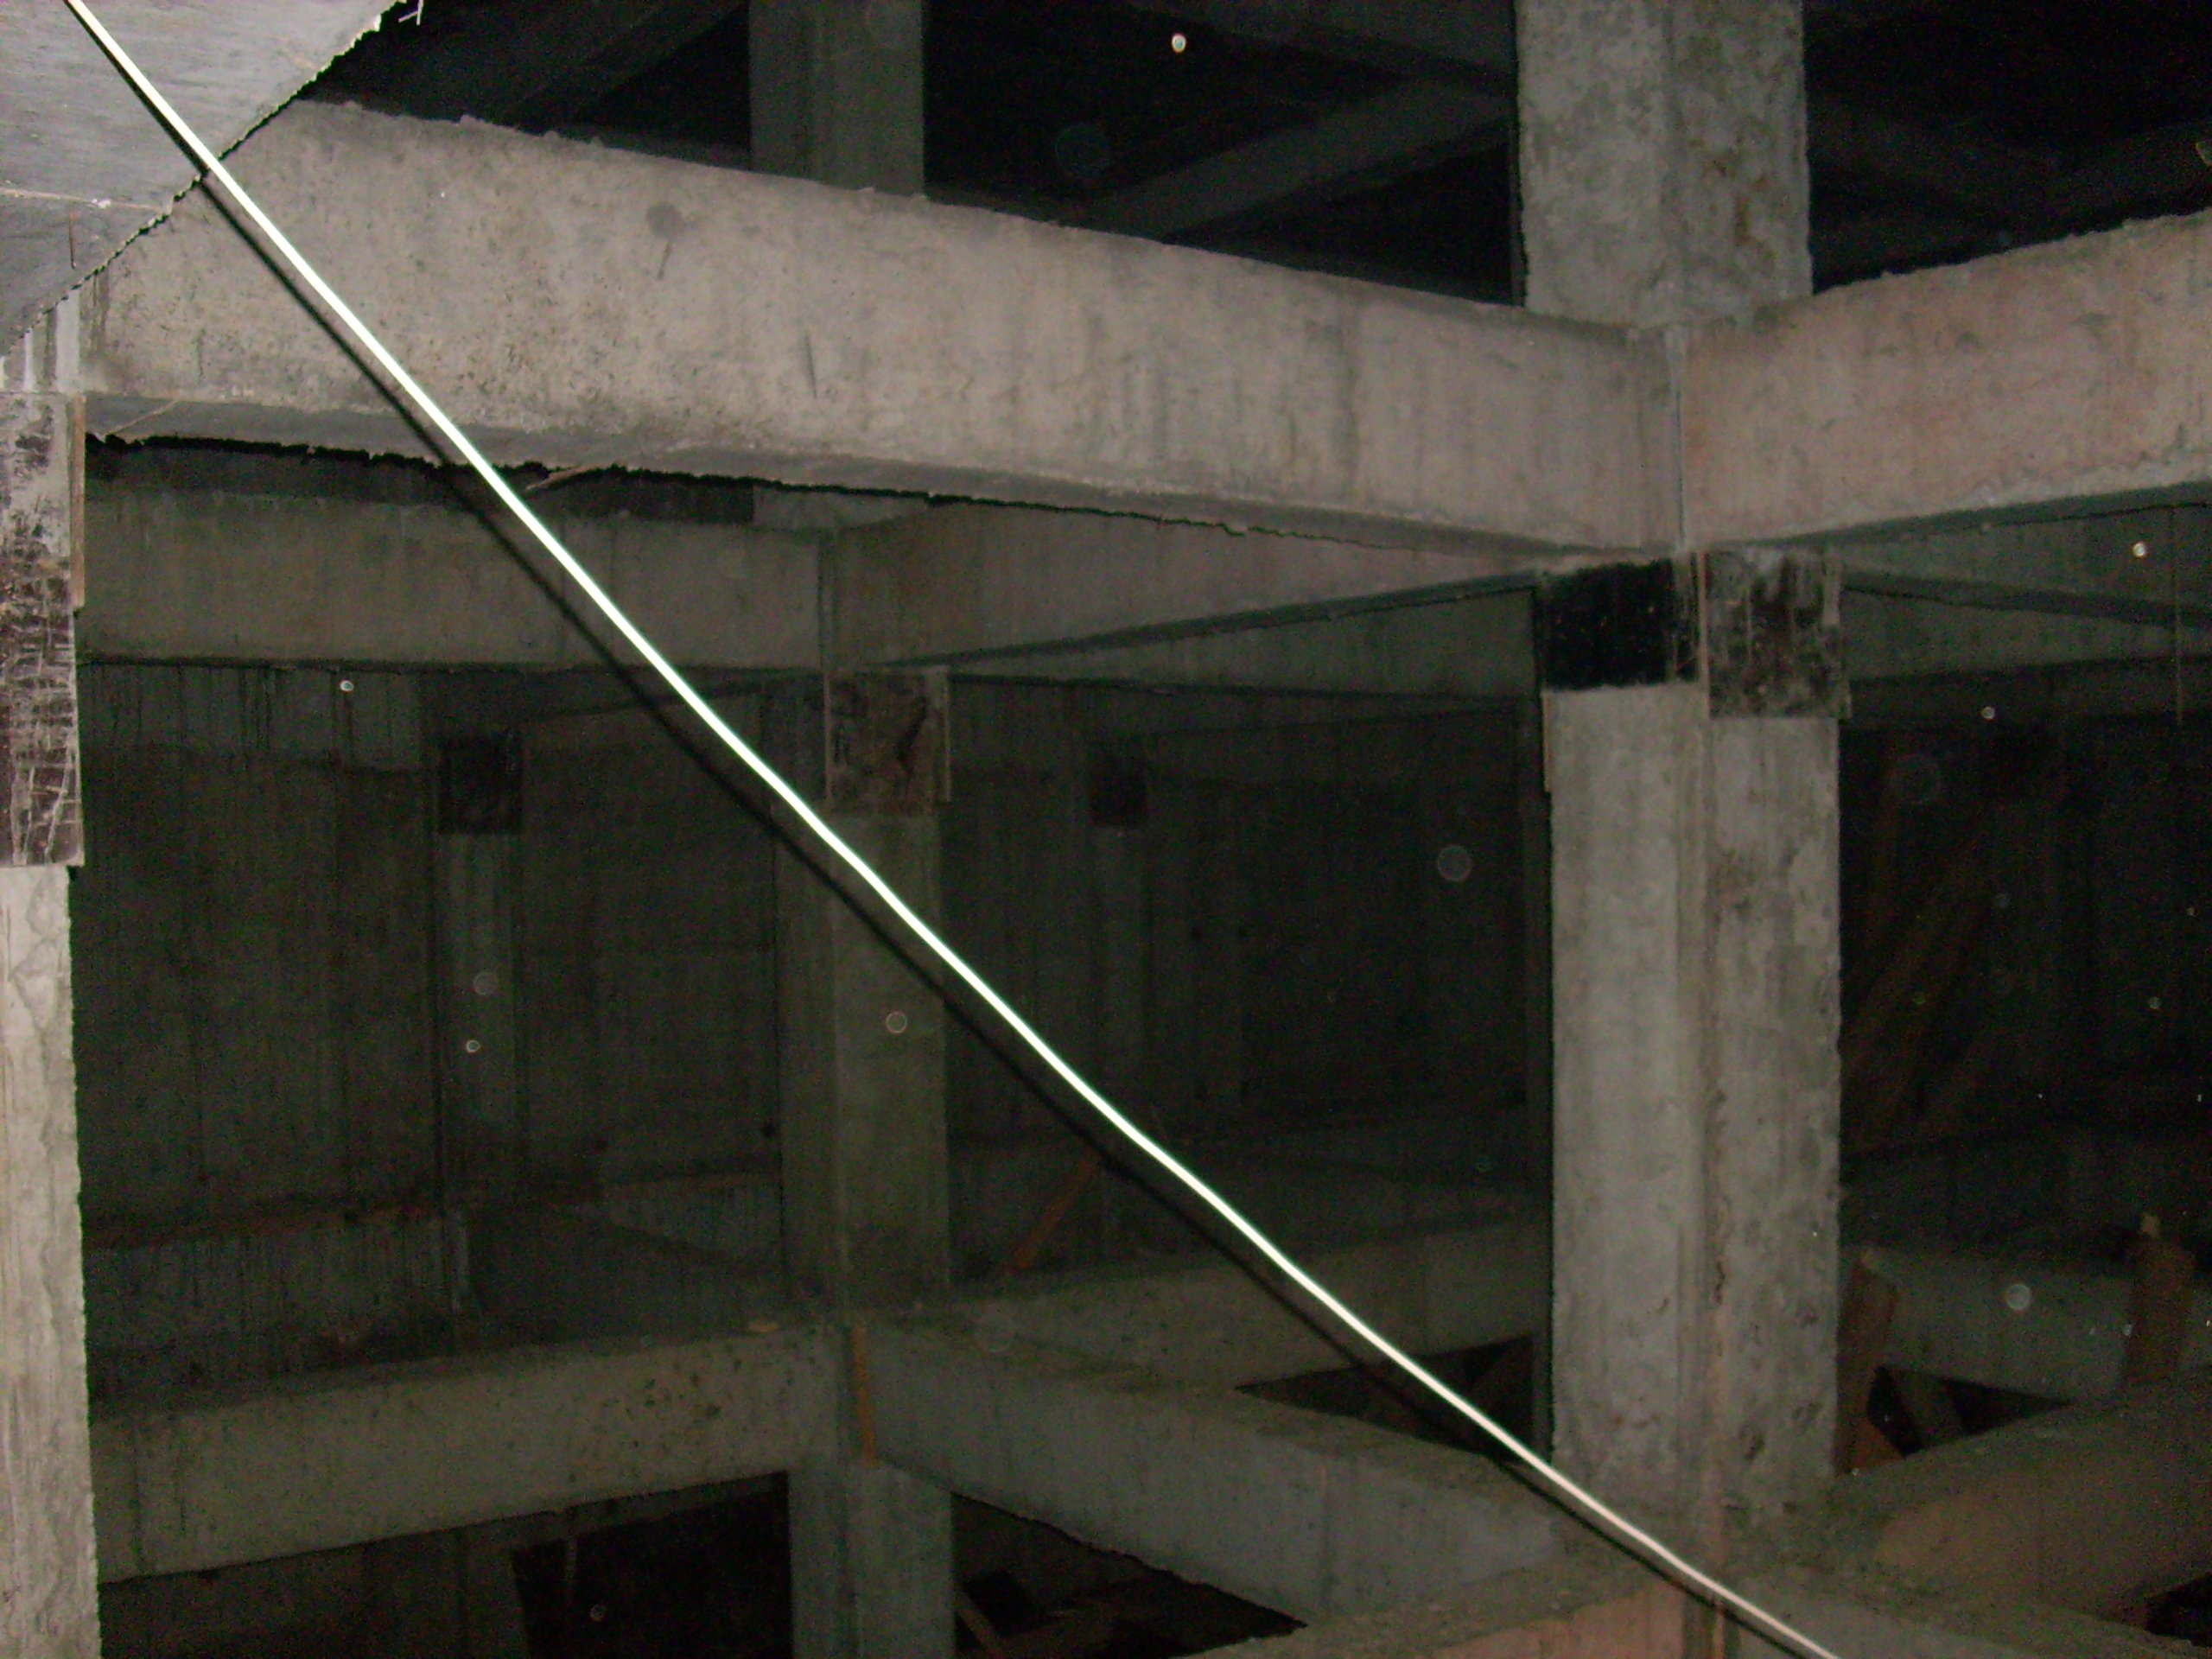 Etansare gauri tiranti - PRO HOTELS - Bazin apa - Complexul City Confort UNICO PROFIT - Poza 2